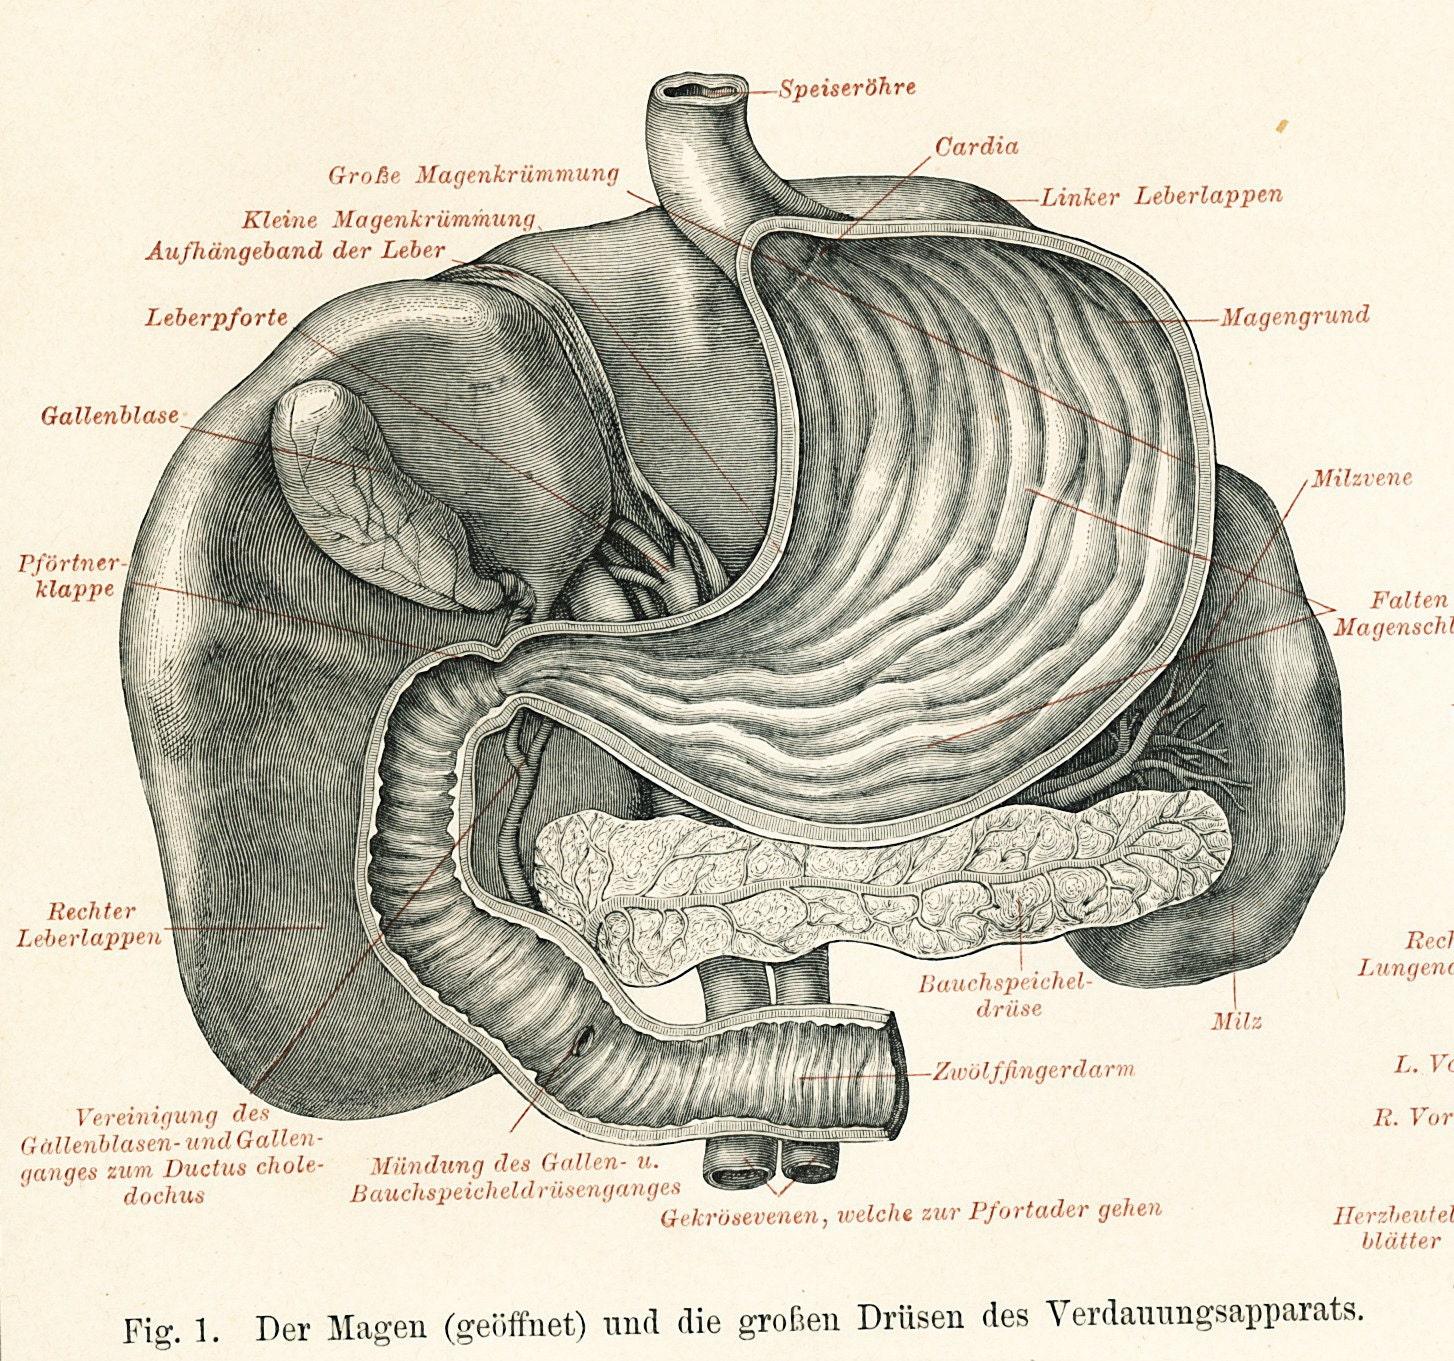 Druck Magen-Darm drucken menschlichen inneren Organe Druck | Etsy